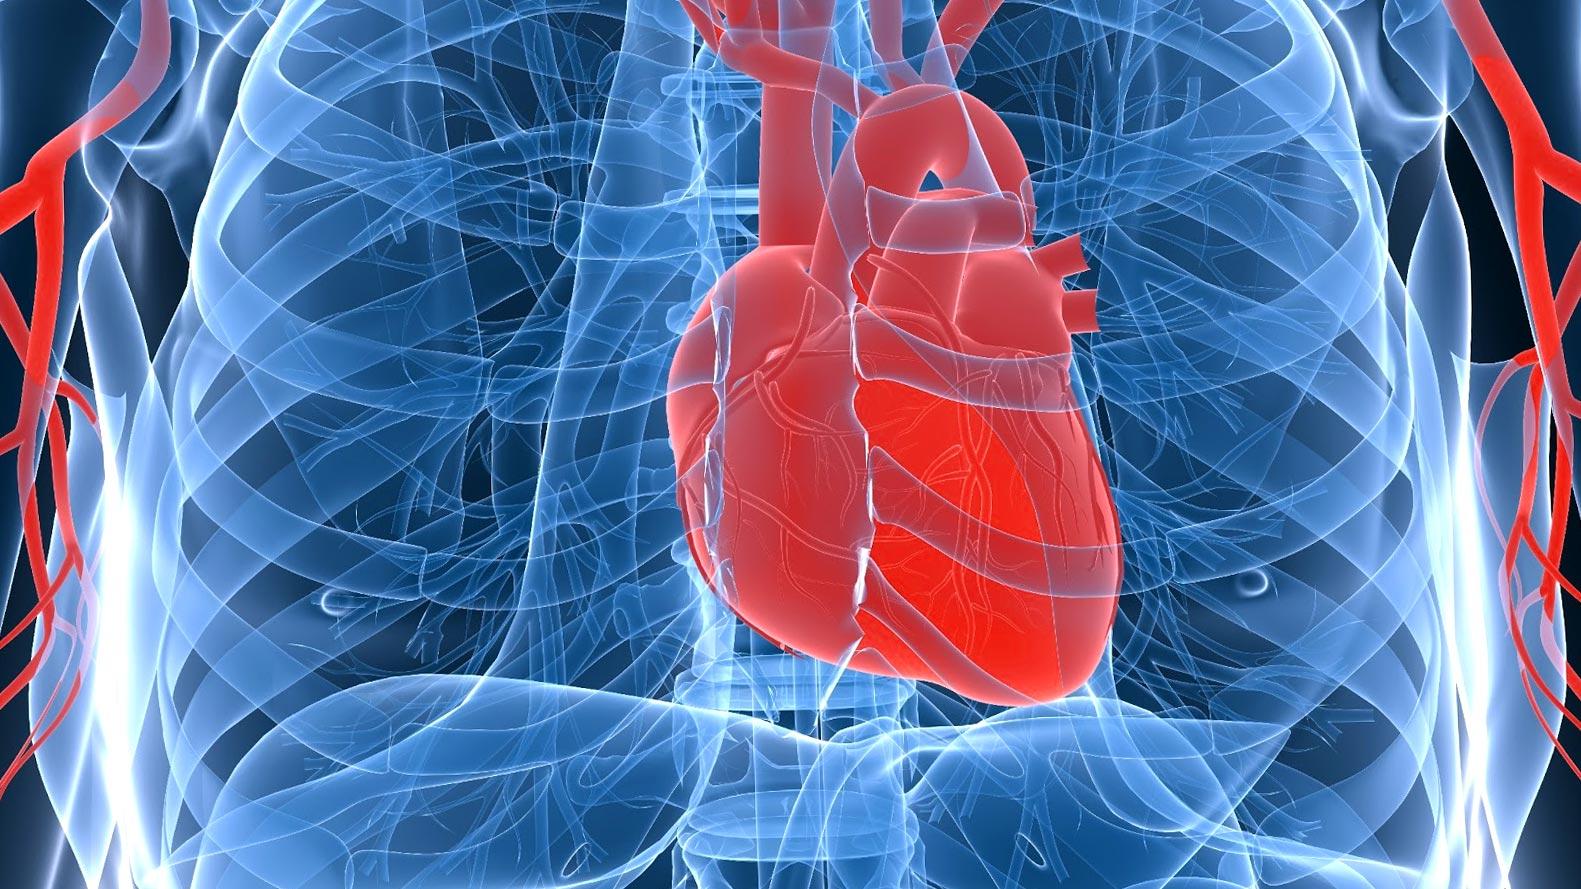 Признаки заболевания сердца симптомы - Всё о сердце